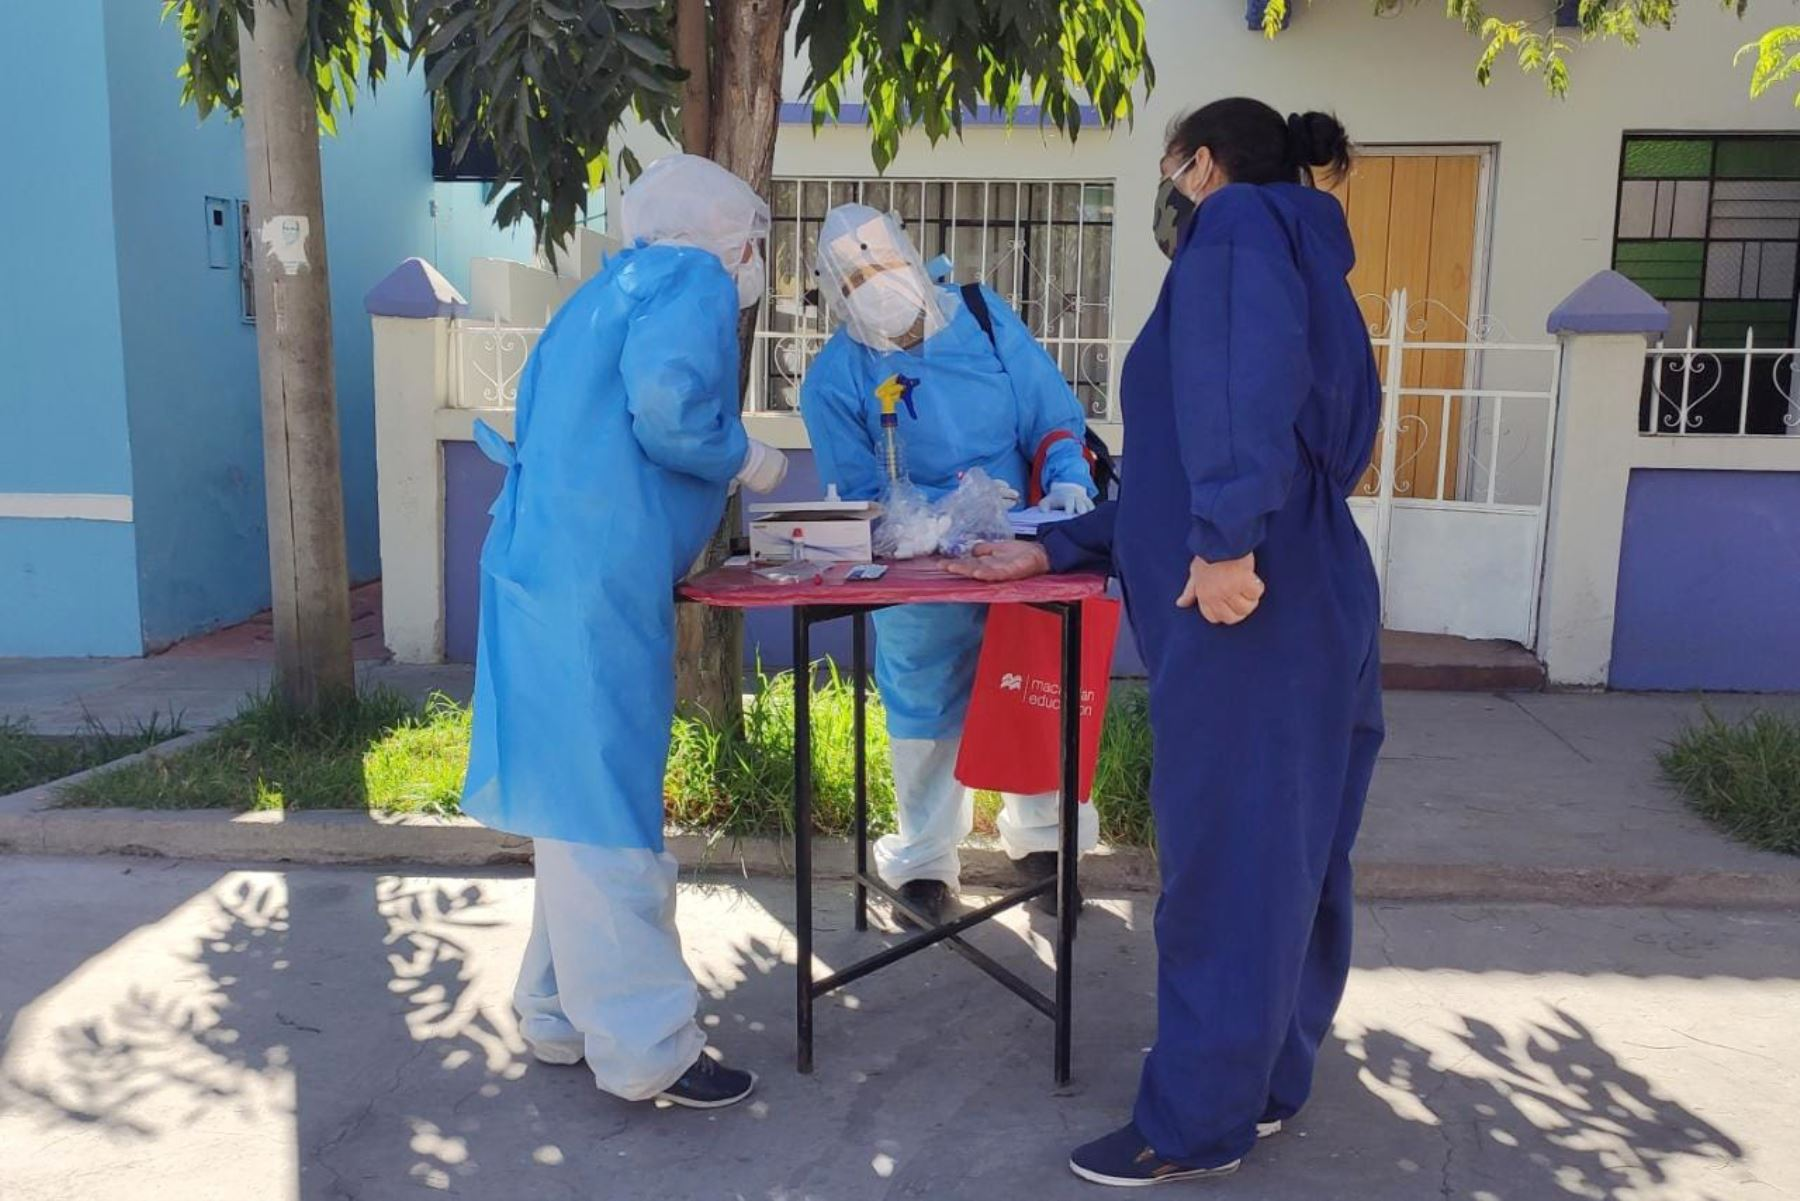 """Personal de salud de Arequipa participa en el programa """"Barrio libre de coronavirus"""", que visita casa por casa para detectar pacientes covid-19. Foto: Gobierno Regional de Arequipa"""